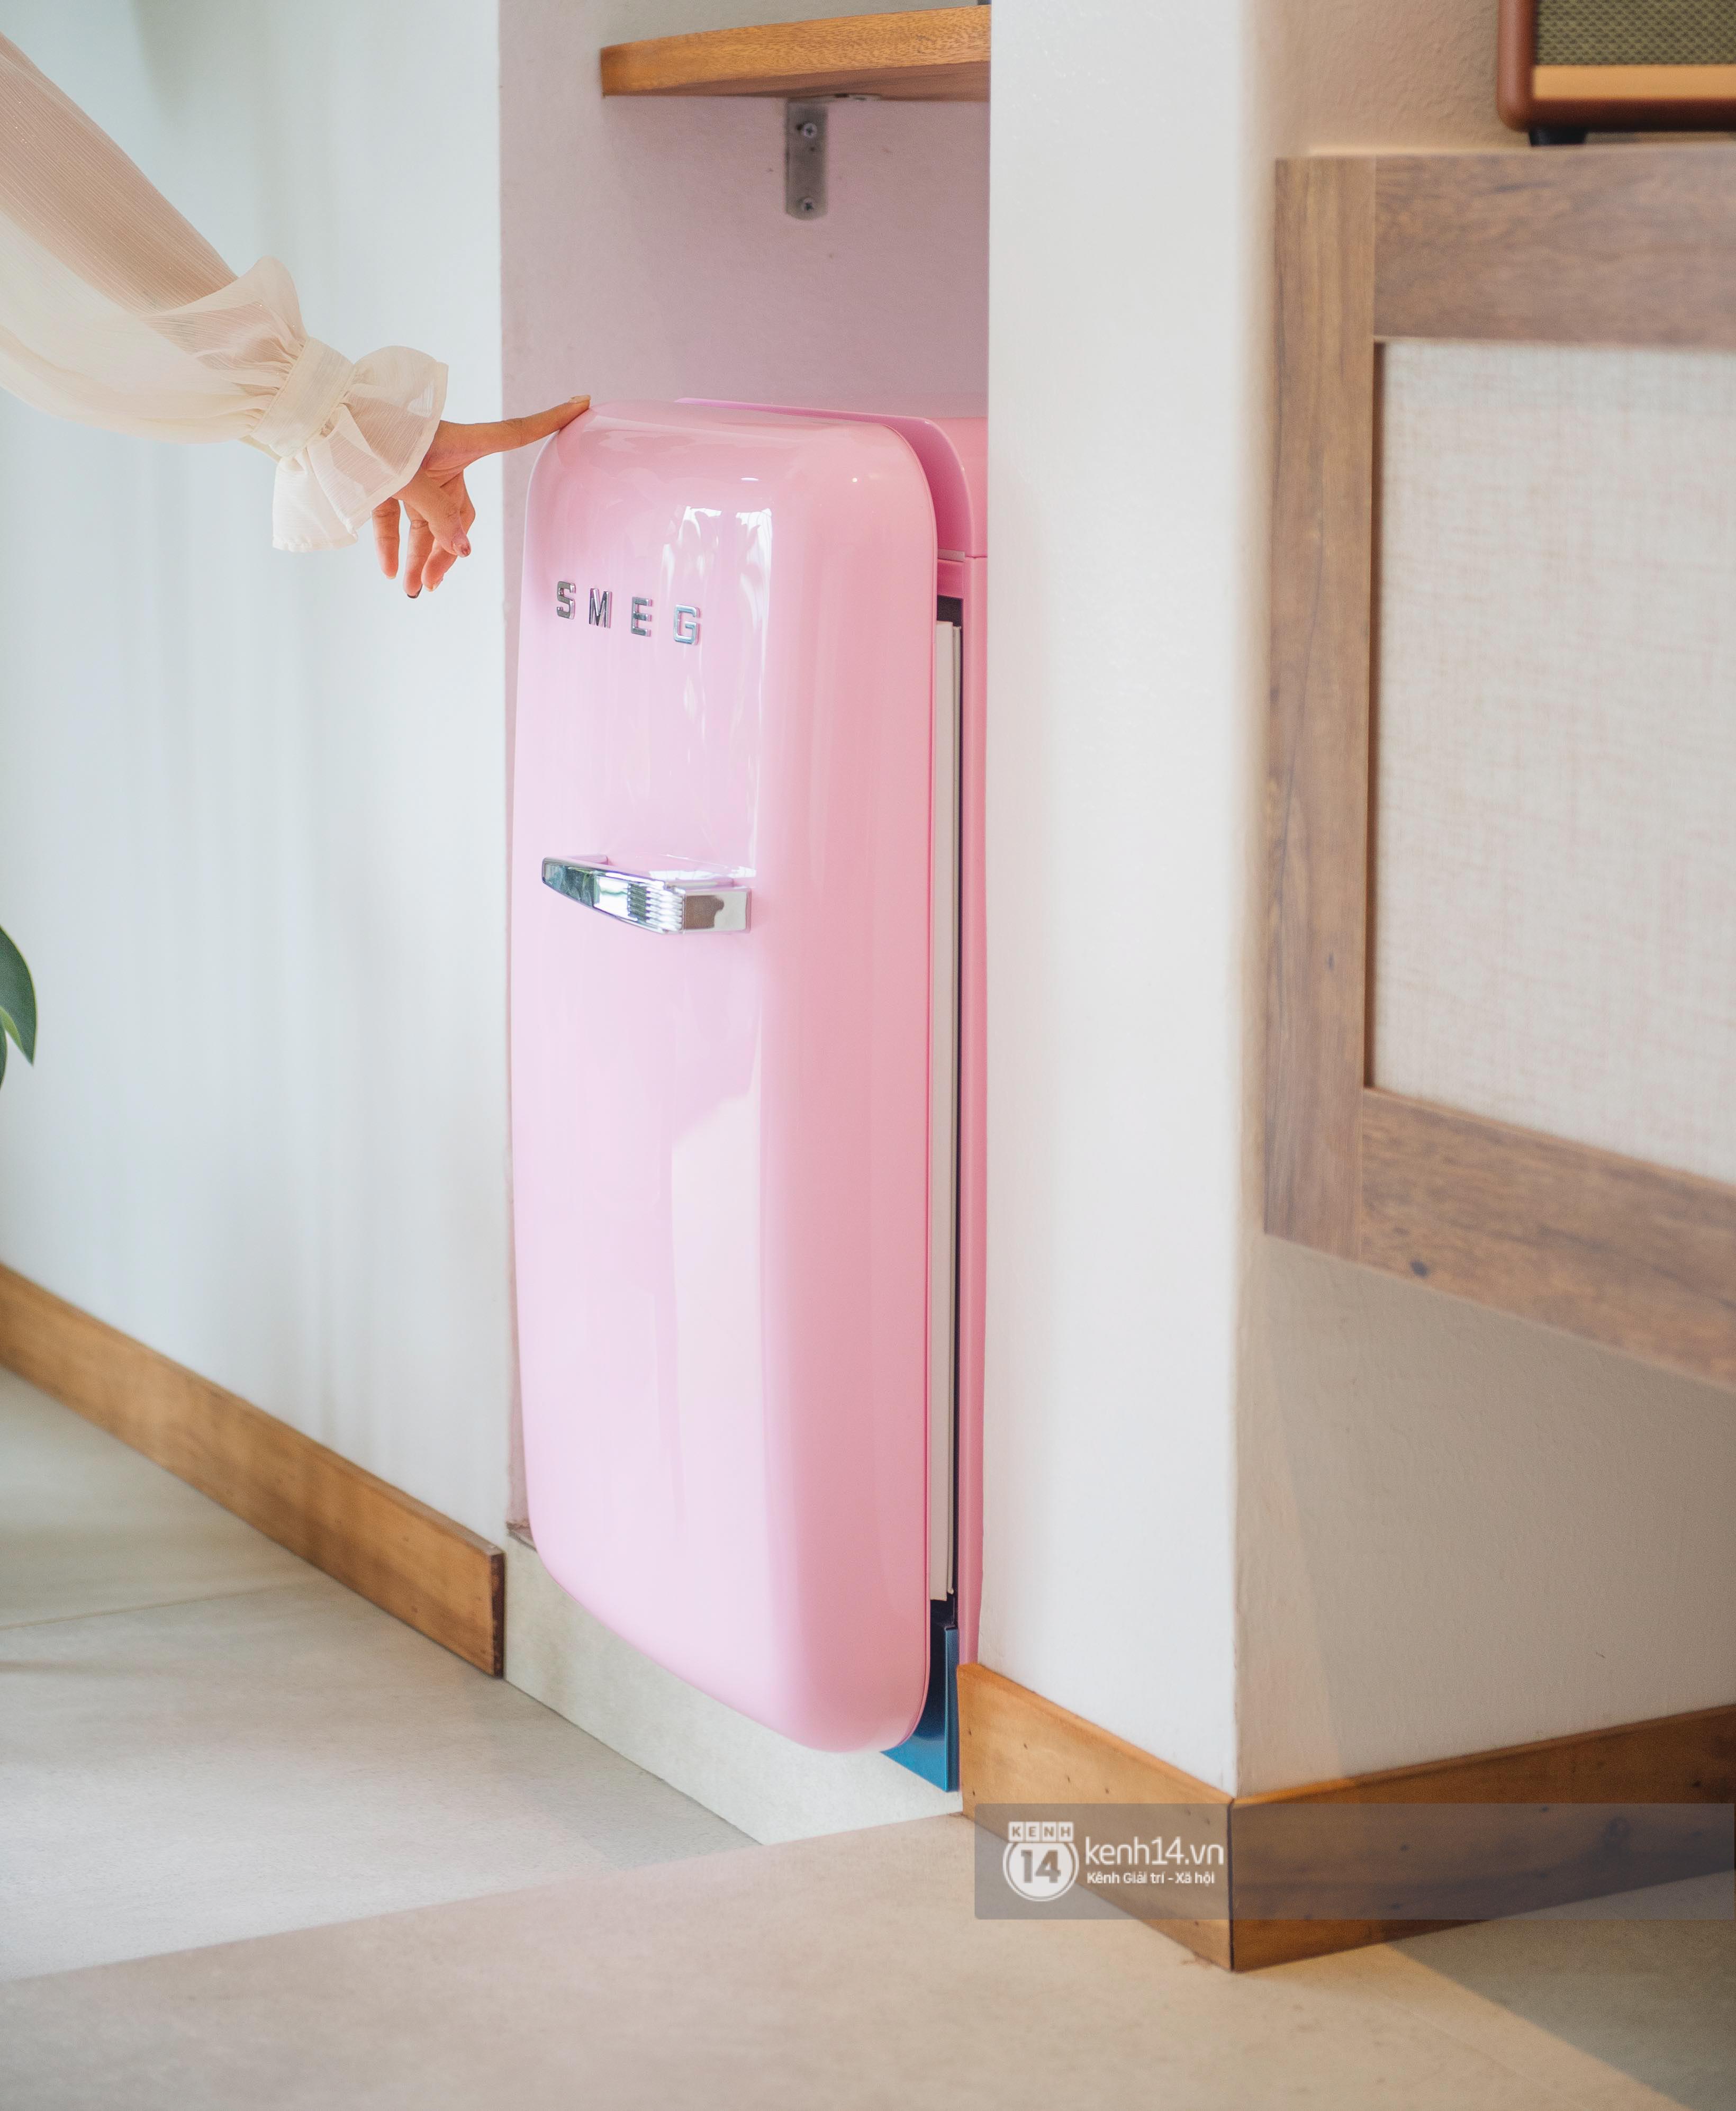 Đồ gia dụng nhà ca nương Kiều Anh quá đỉnh: Máy hút mùi ẩn hiện, tủ lạnh cũng phải ghép riêng 2 chiếc hơn 400 triệu - Ảnh 2.